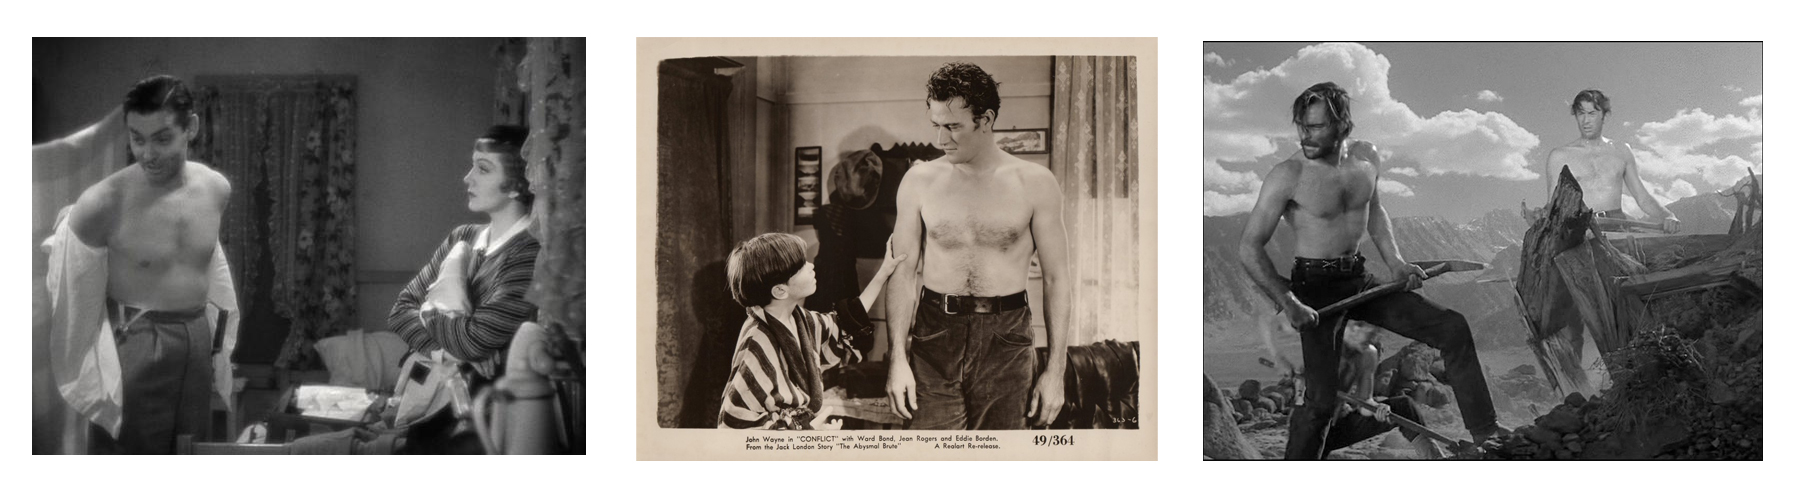 1930s-actors